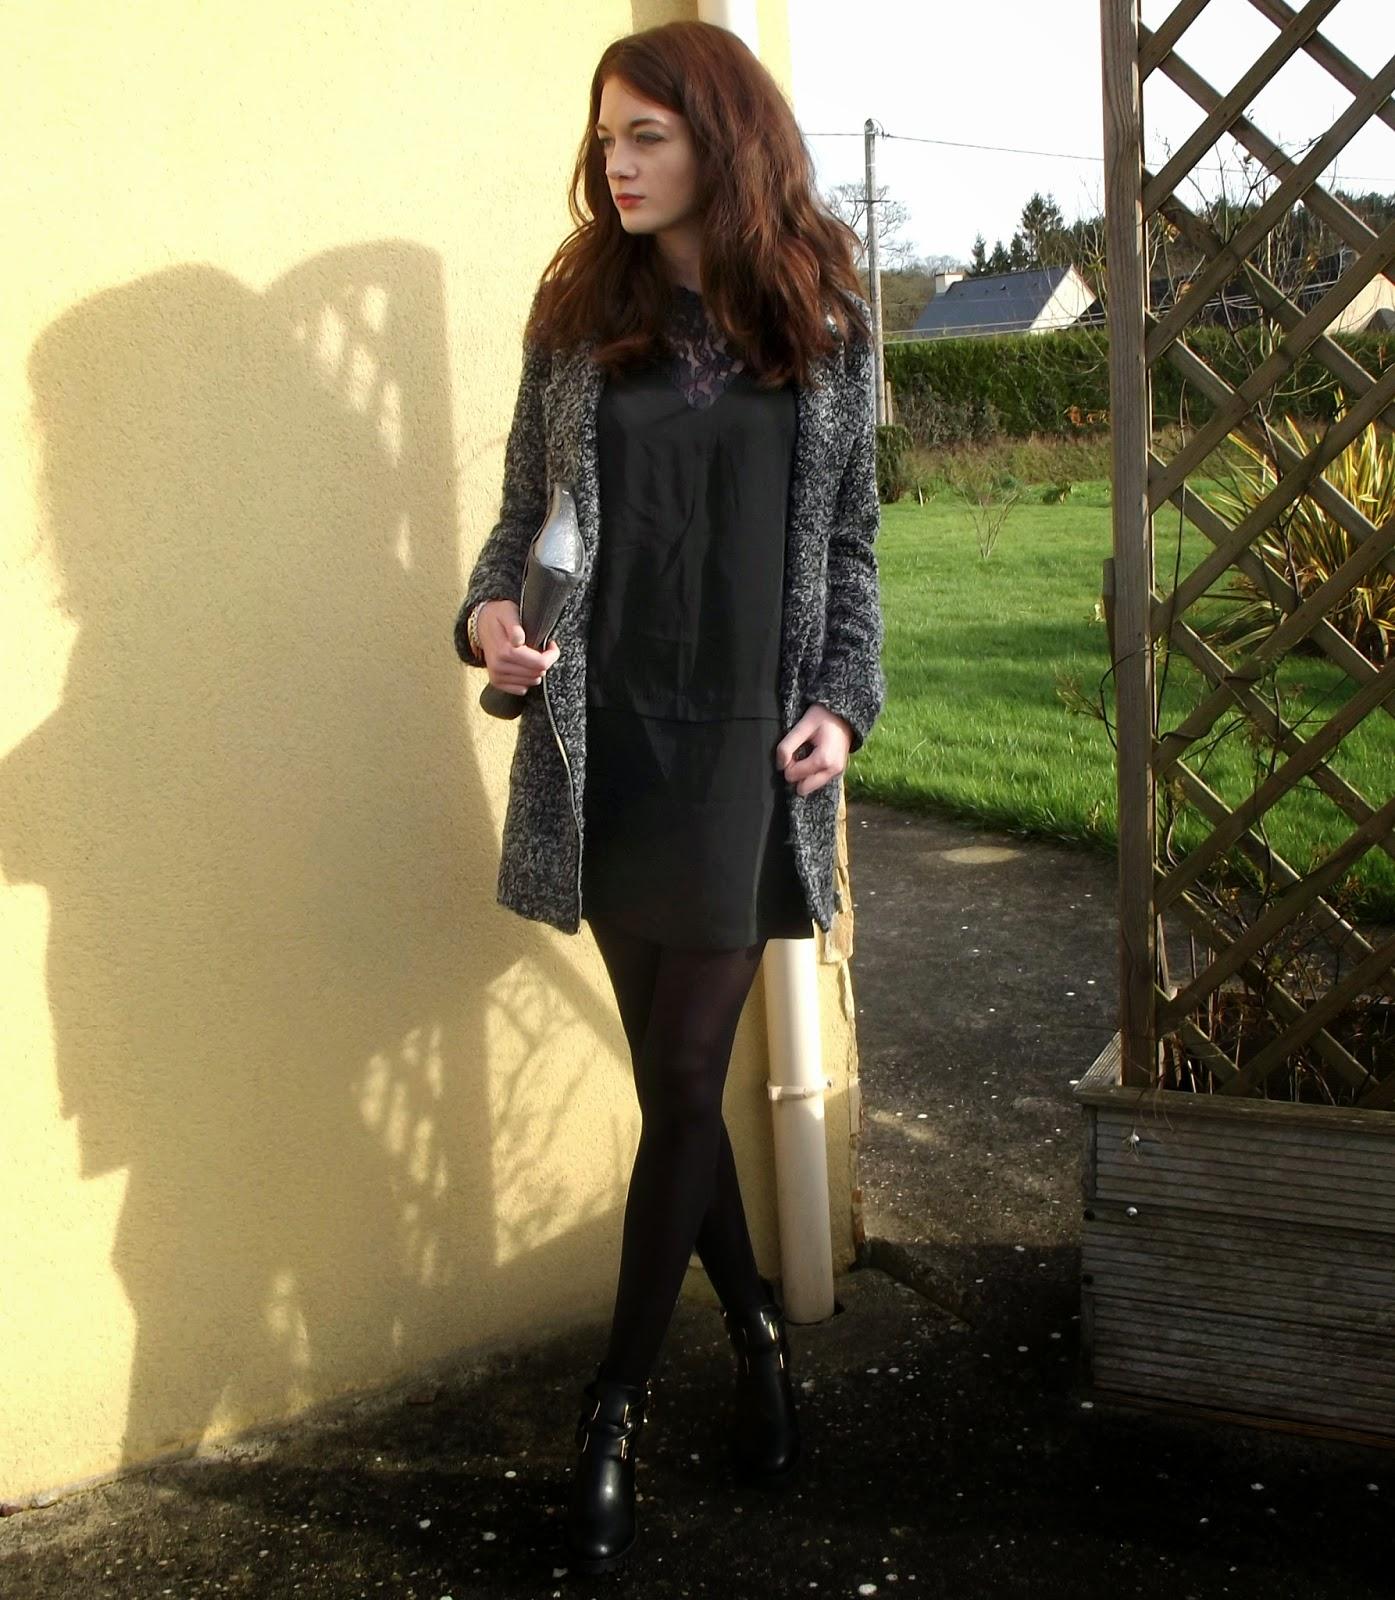 vestido negroinvierno vestido Pequeño vestido Pequeño negroinvierno negroinvierno Pequeño Ajq4R53L